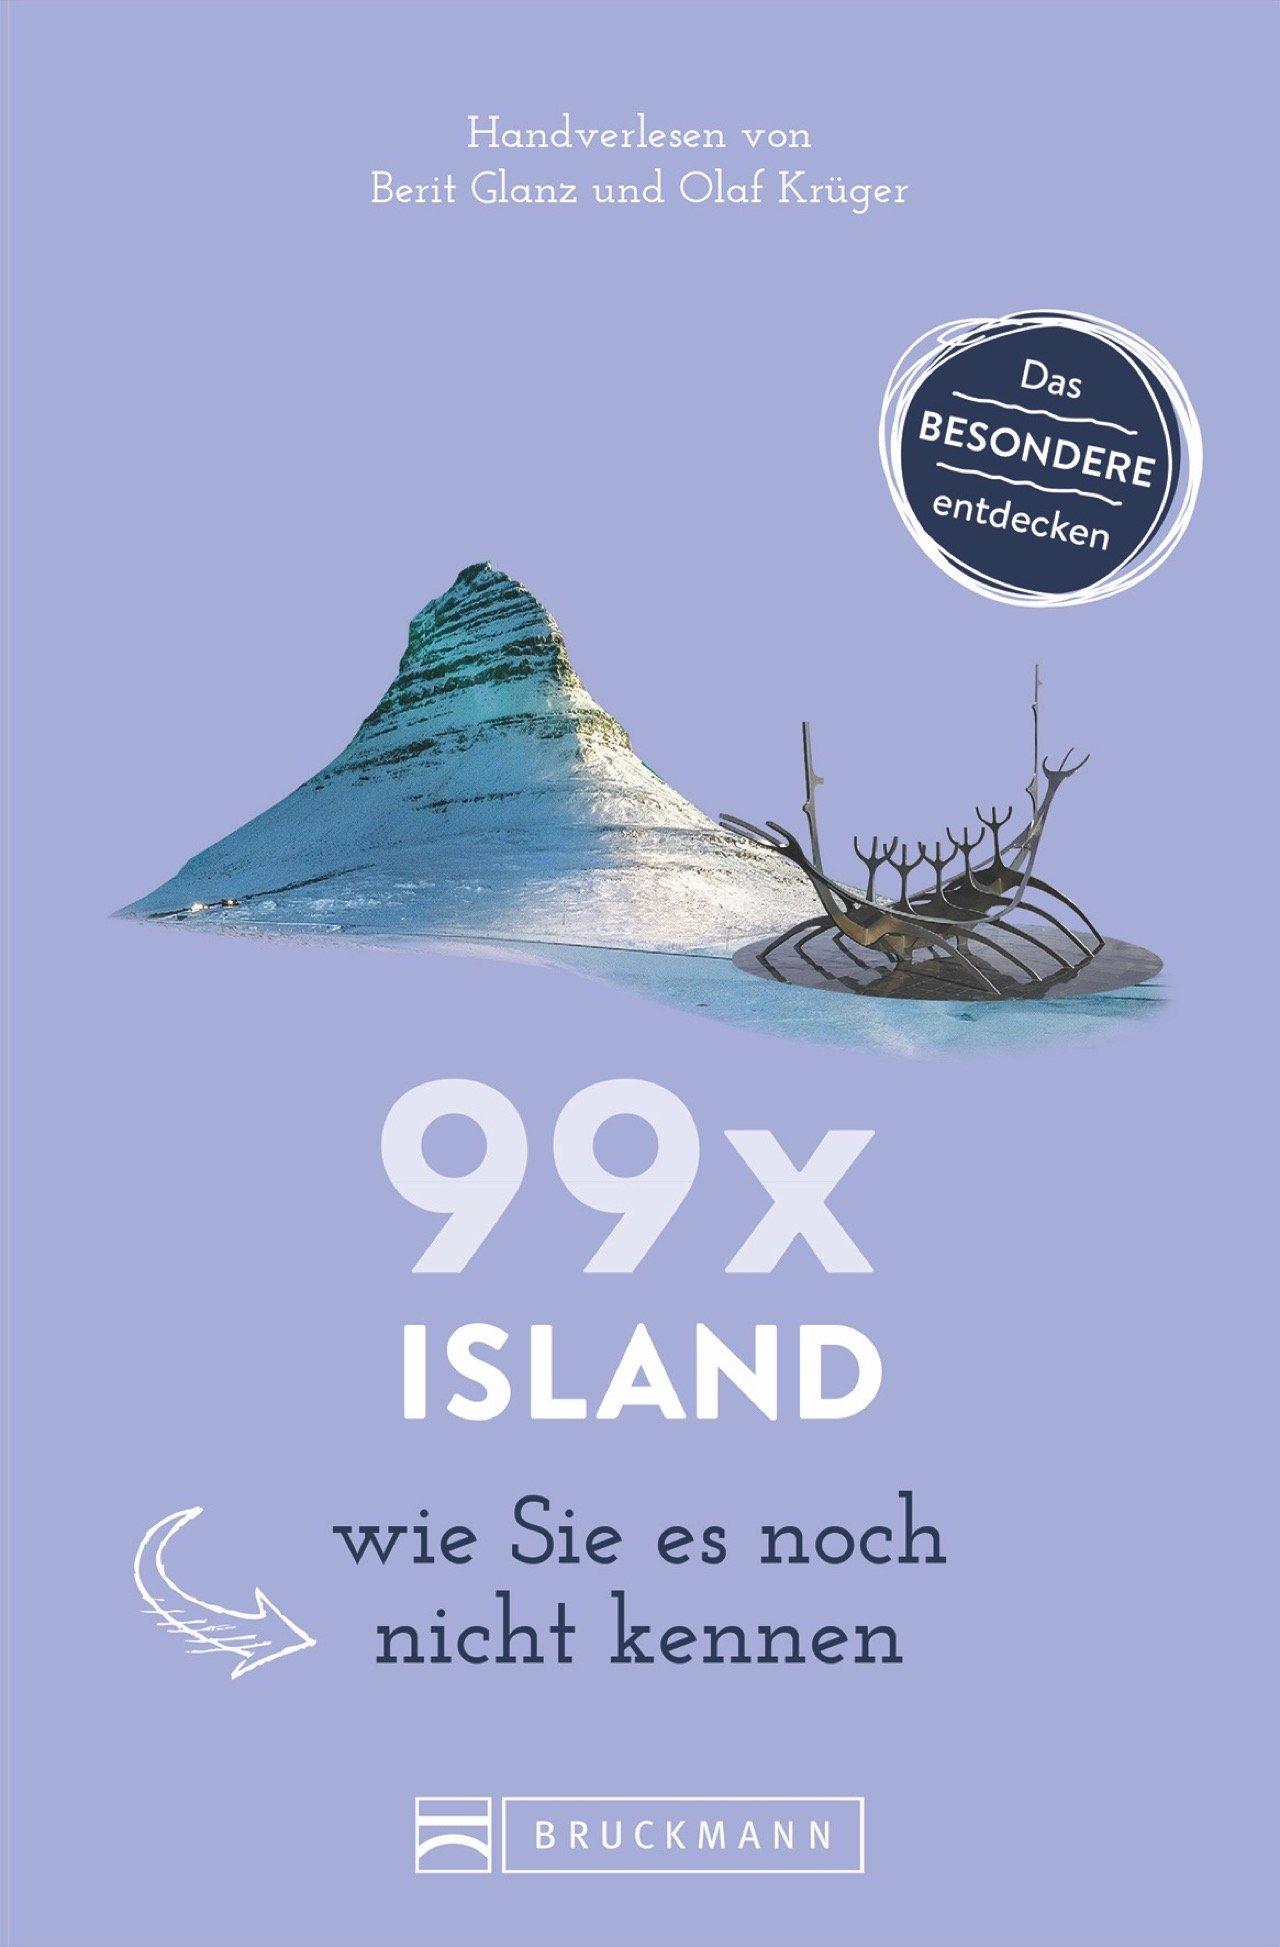 Bruckmann Reiseführer: 99 x Island wie Sie es noch nicht kennen. 99x Kultur, Natur, Essen und Hotspots abseits der bekannten Highlights. NEU 2018.